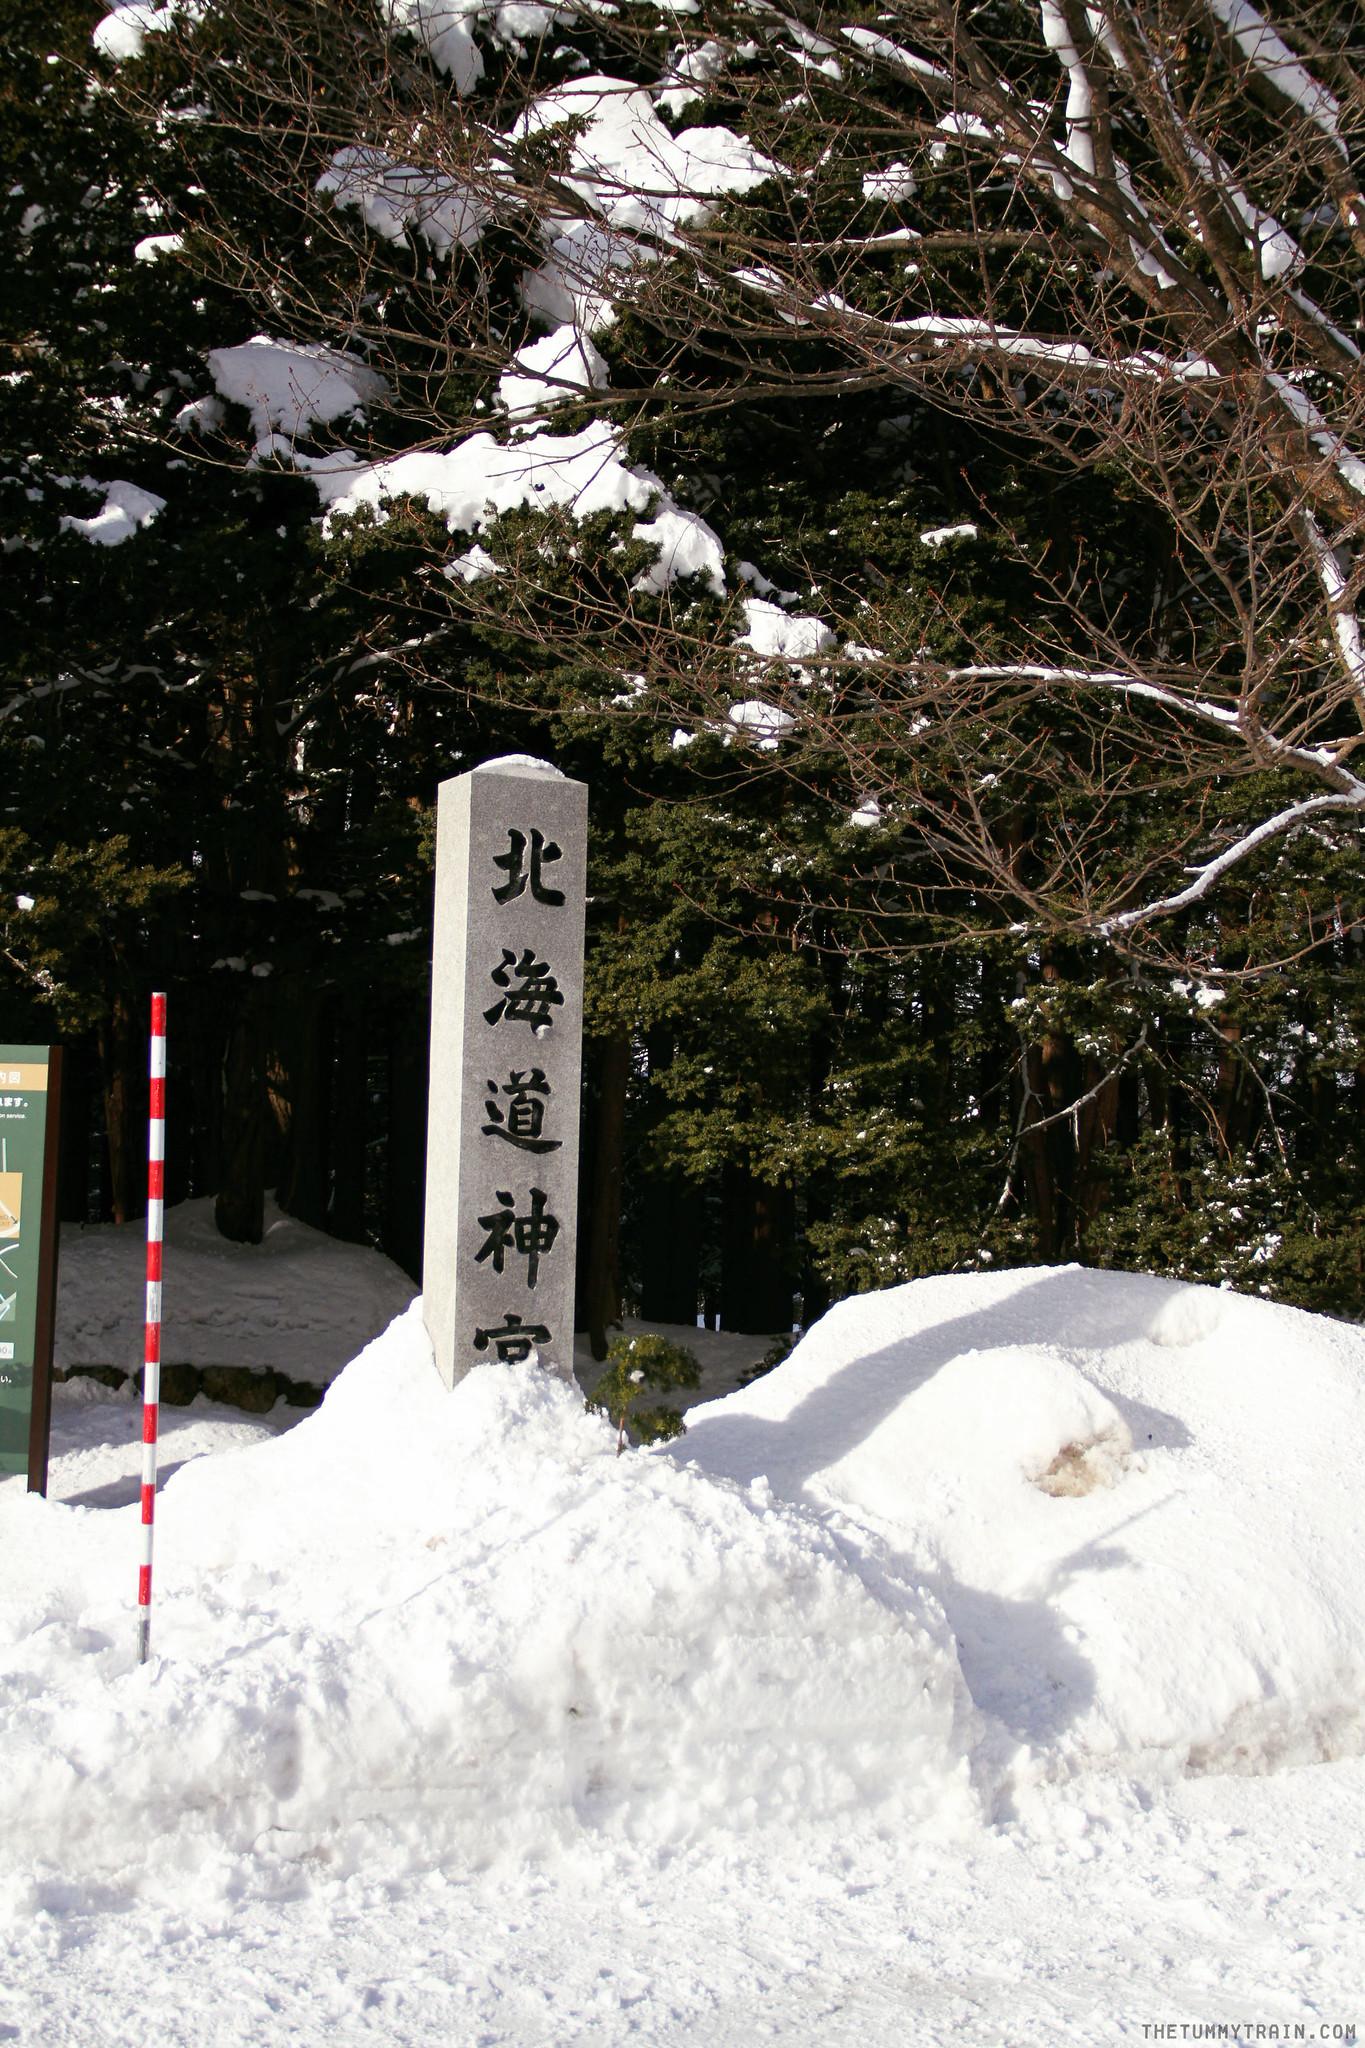 32791962411 d46cb2ed4e k - Sapporo Snow And Smile: 8 Unforgettable Winter Experiences in Sapporo City